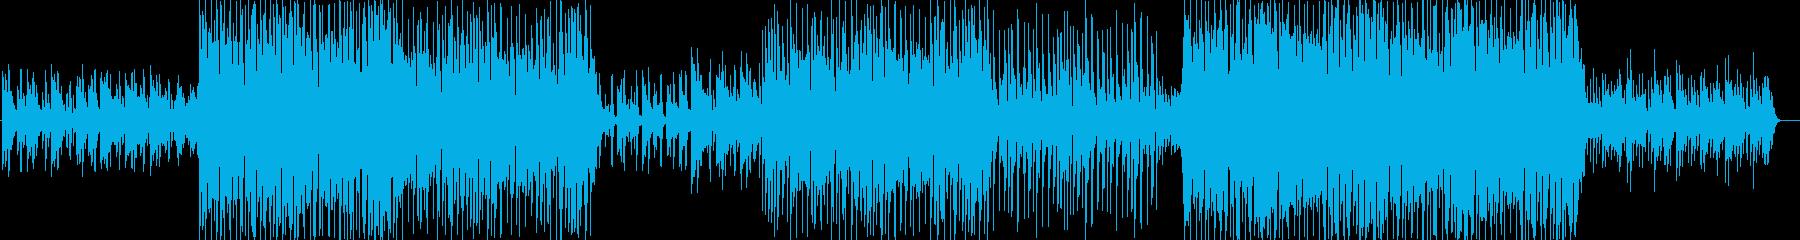 ストリングス入りノリの良いEDMの再生済みの波形